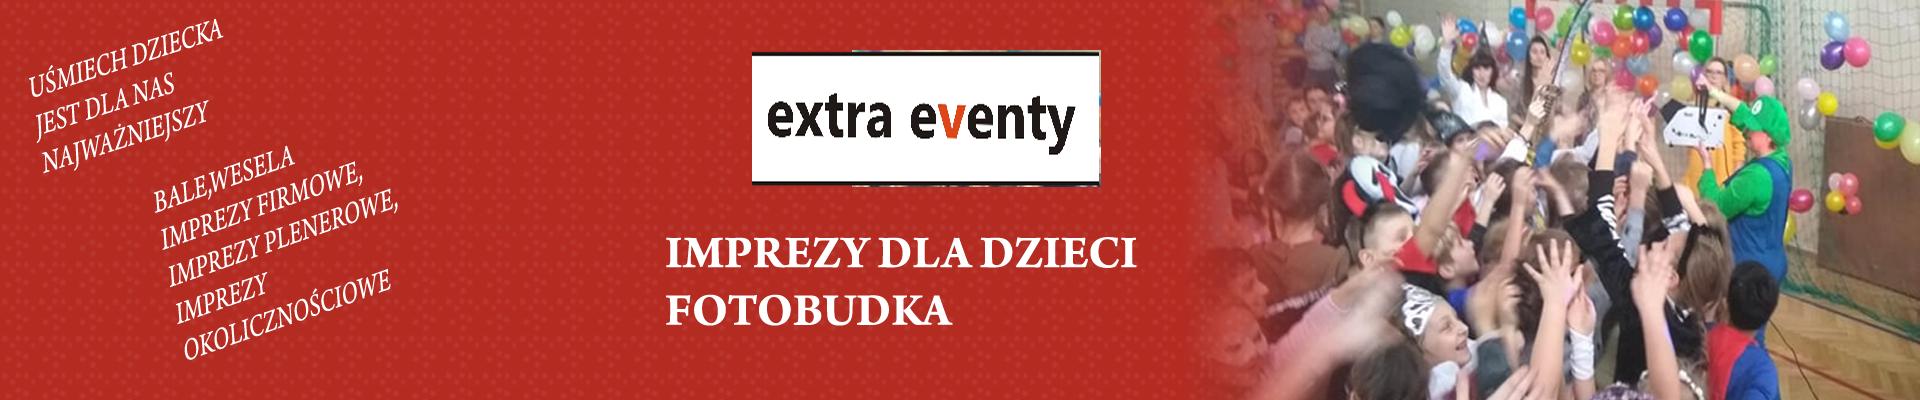 extraeventy